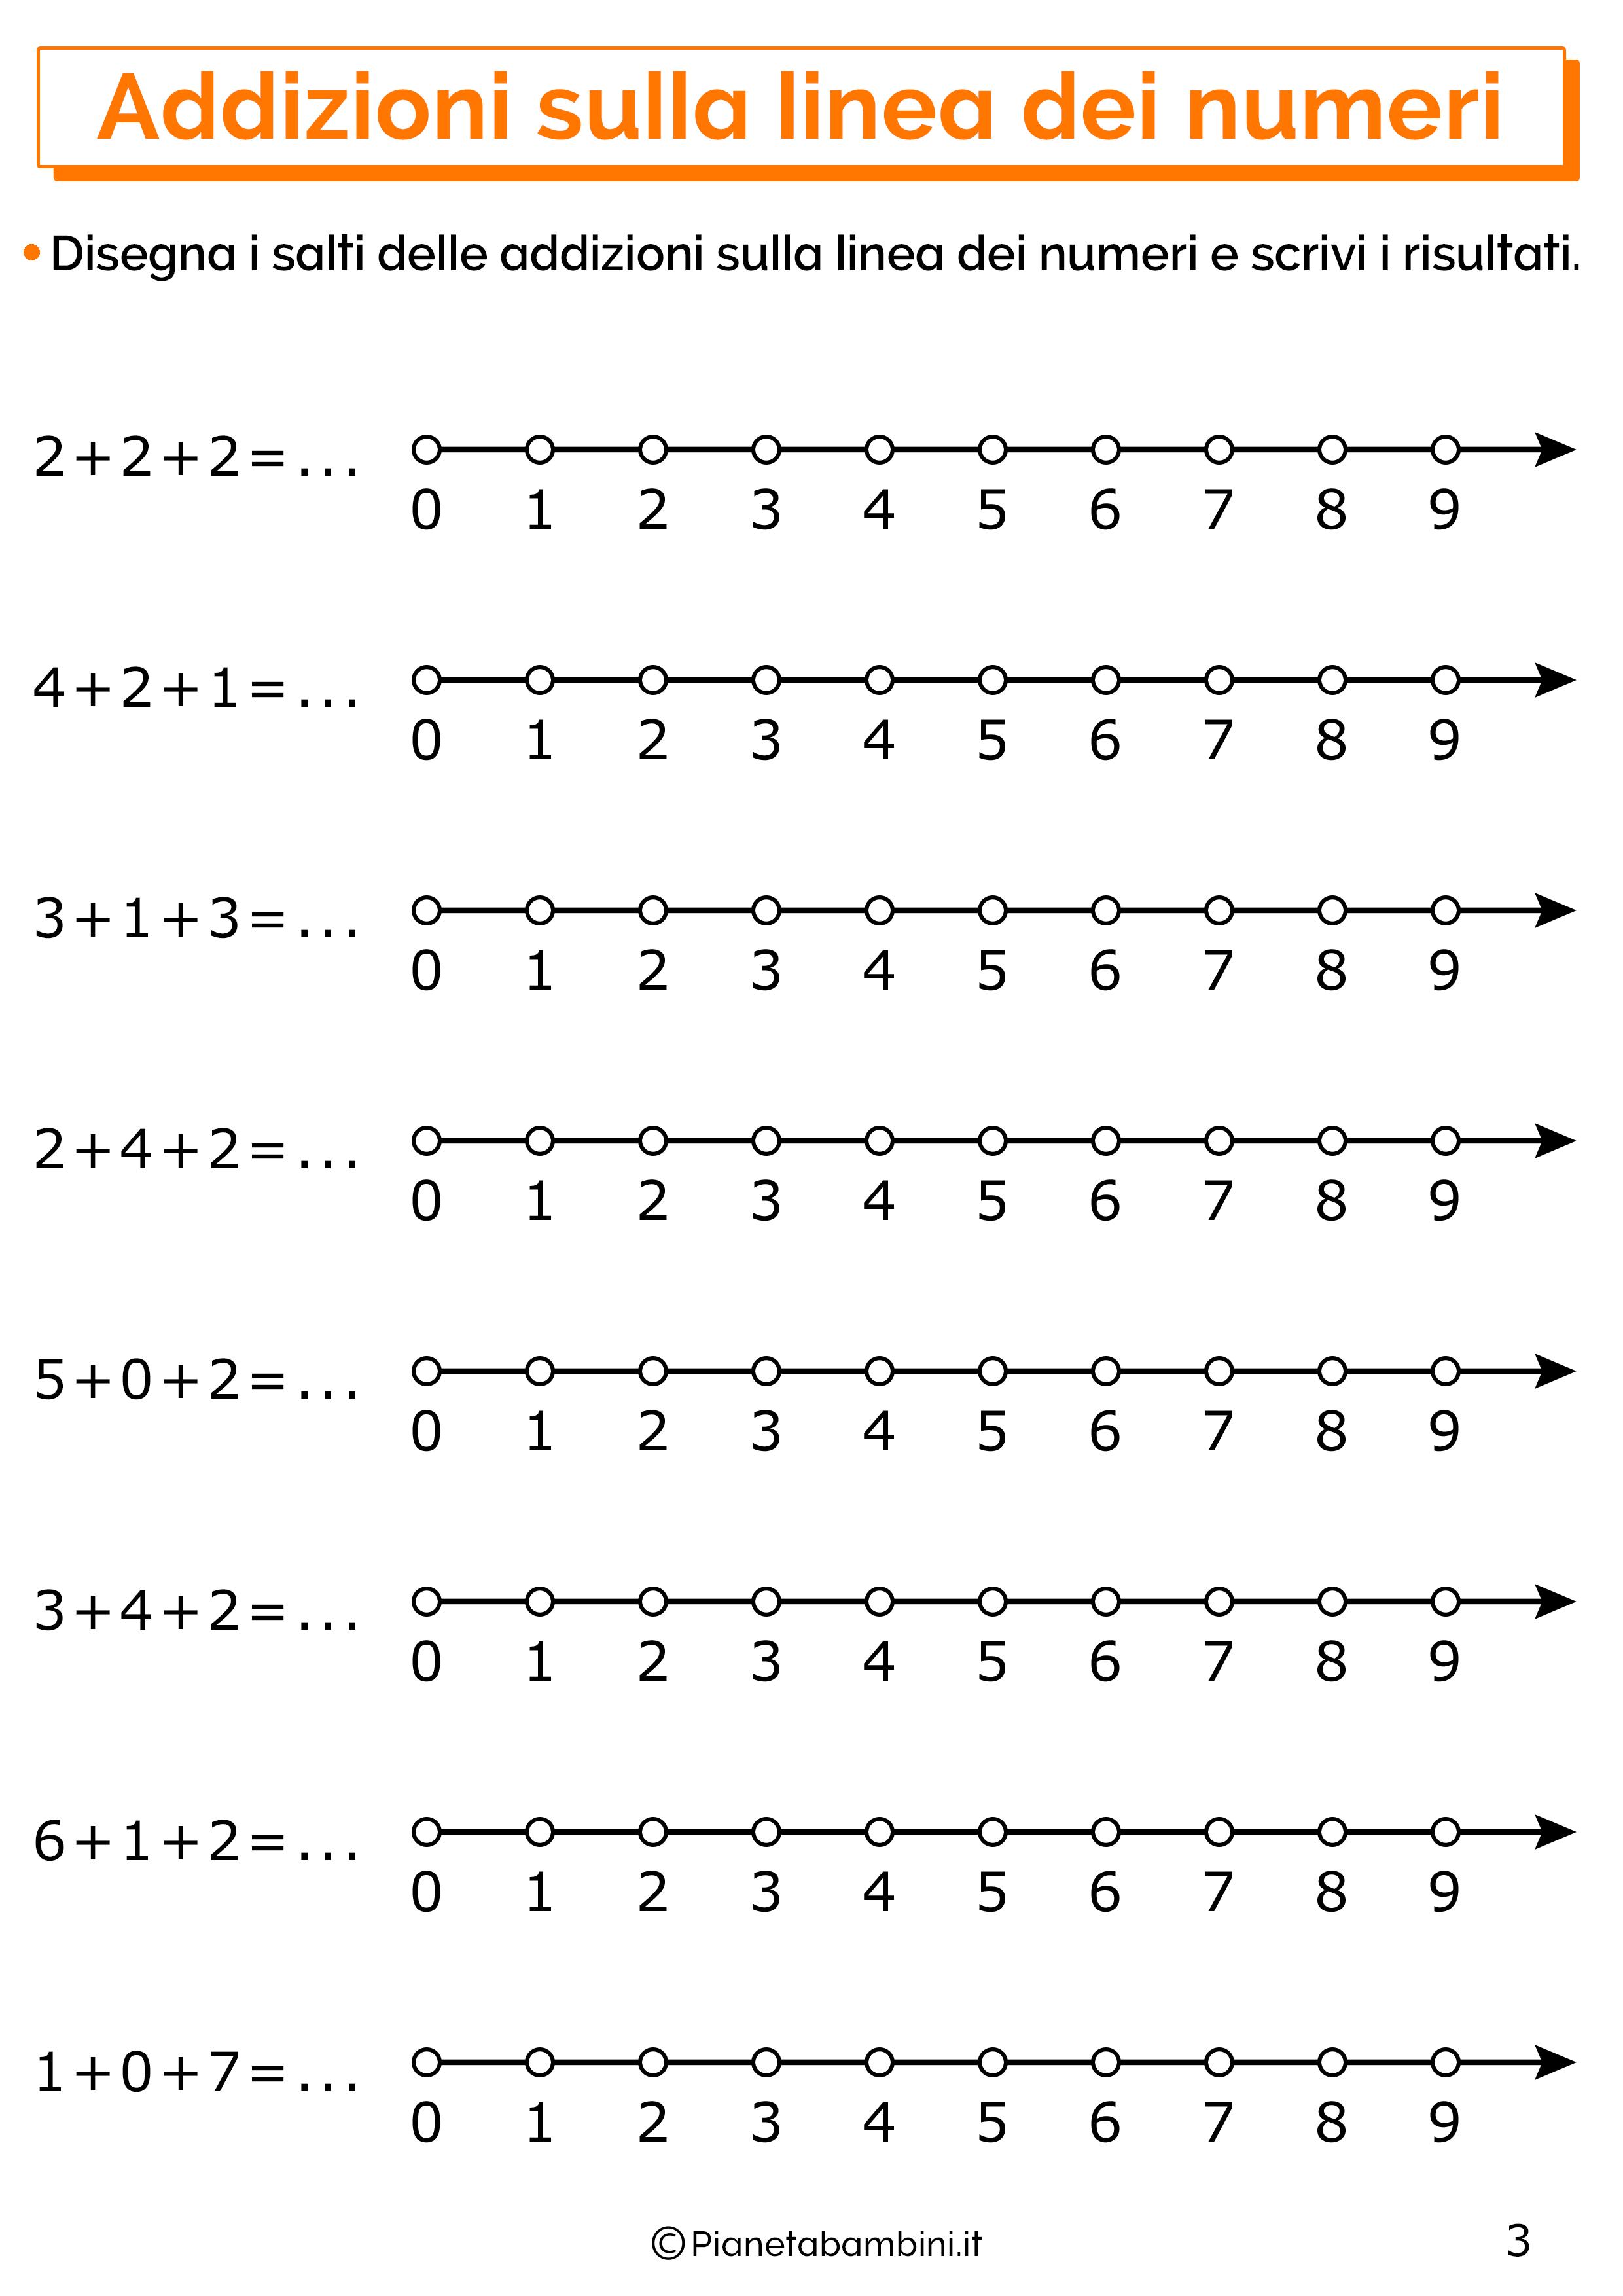 Esercizi con addizioni sulla linea dei numeri 03